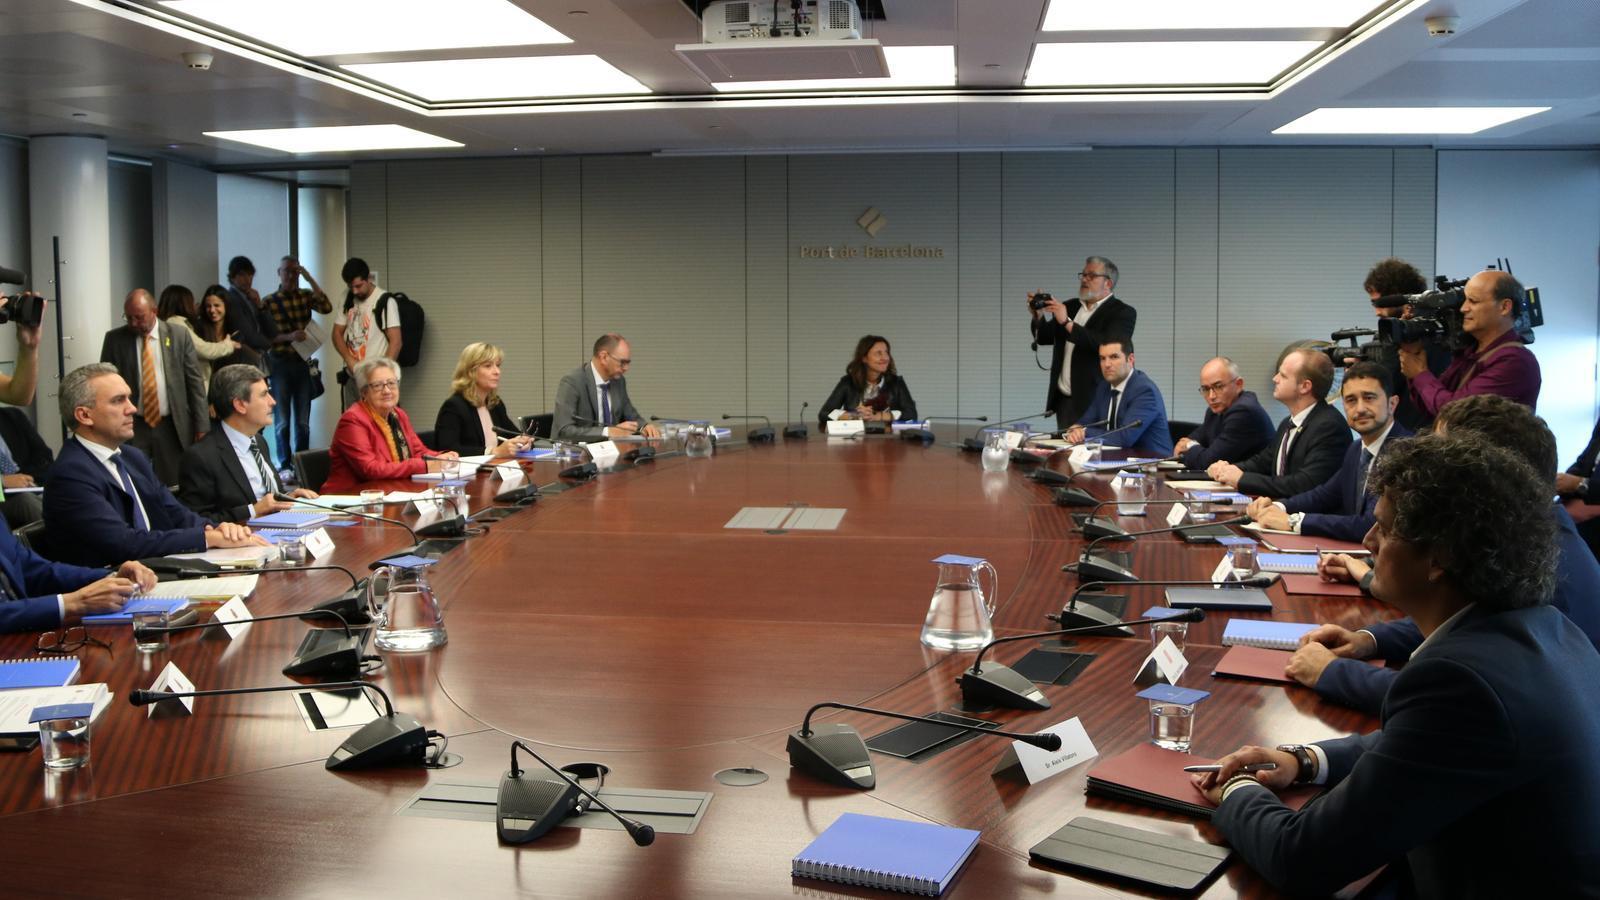 L'Estat i la Generalitat no es posen d'acord en com pagar els 200 milions aprovats per a infraestructures pel 2019